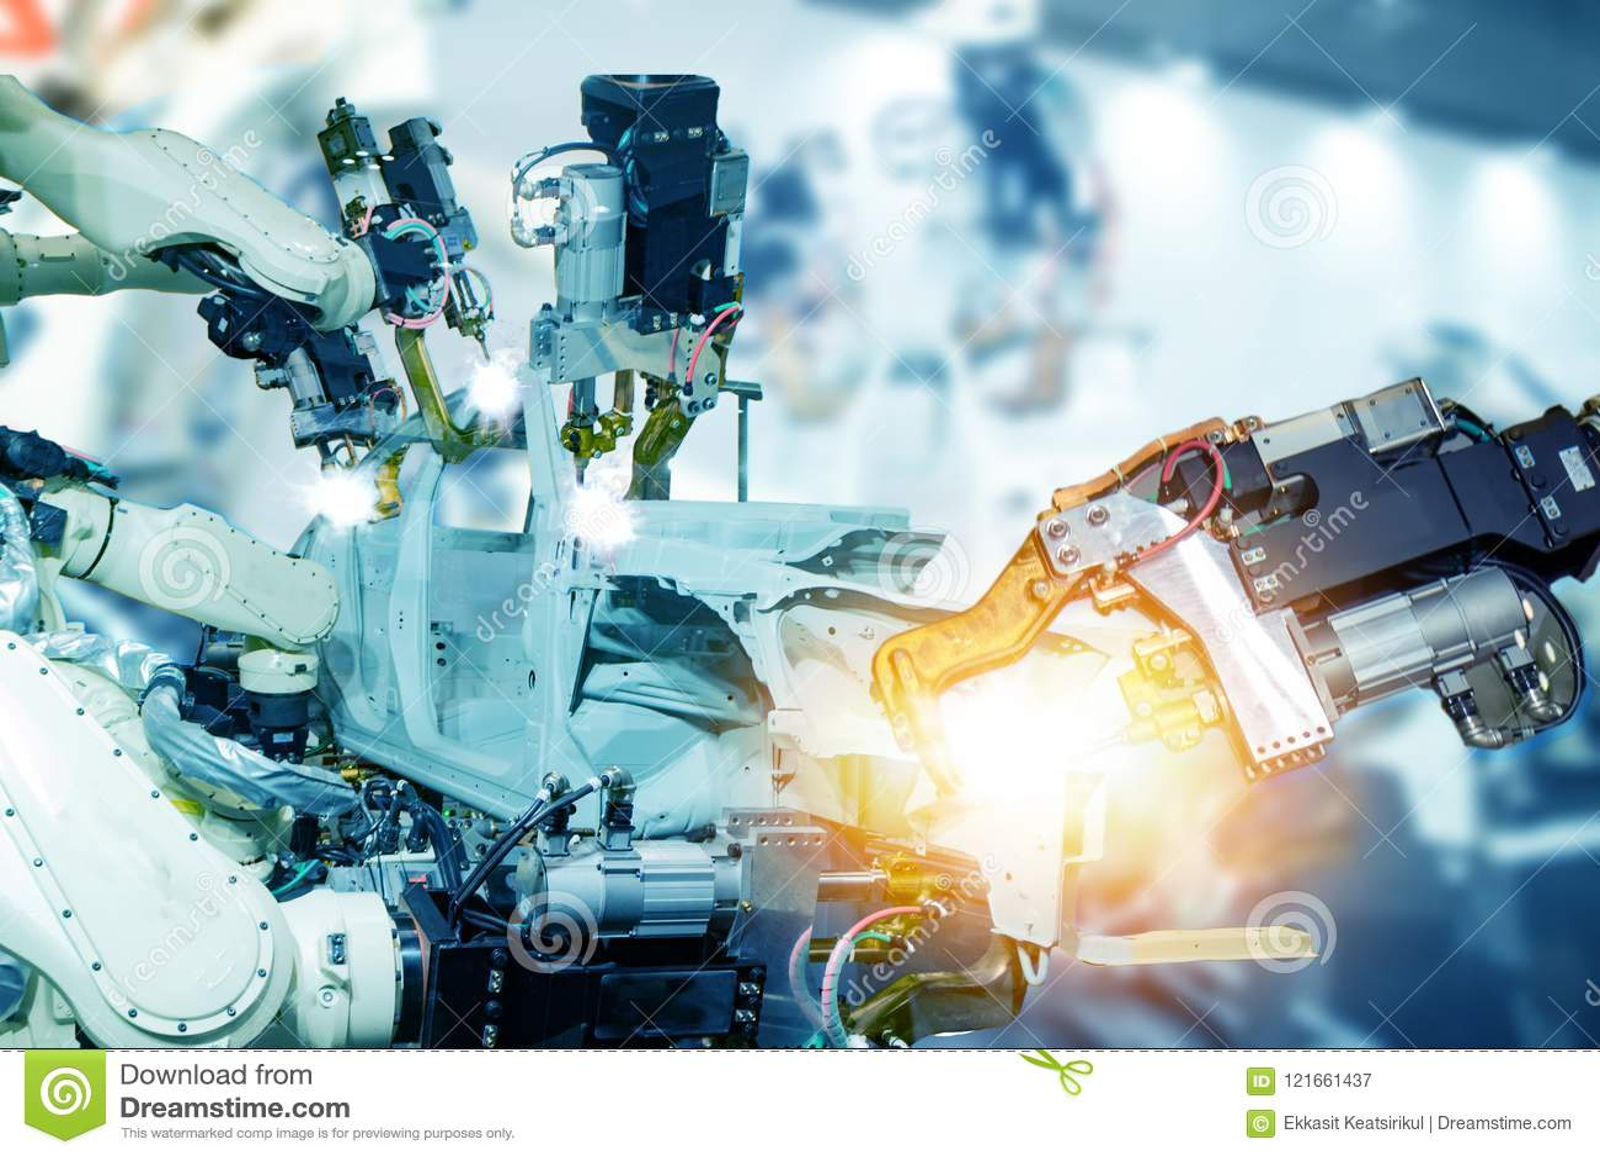 Iot聪明的工厂,产业4 0个技术概念,机器人胳膊在自动化与假阳光的工厂背景中在操作锂